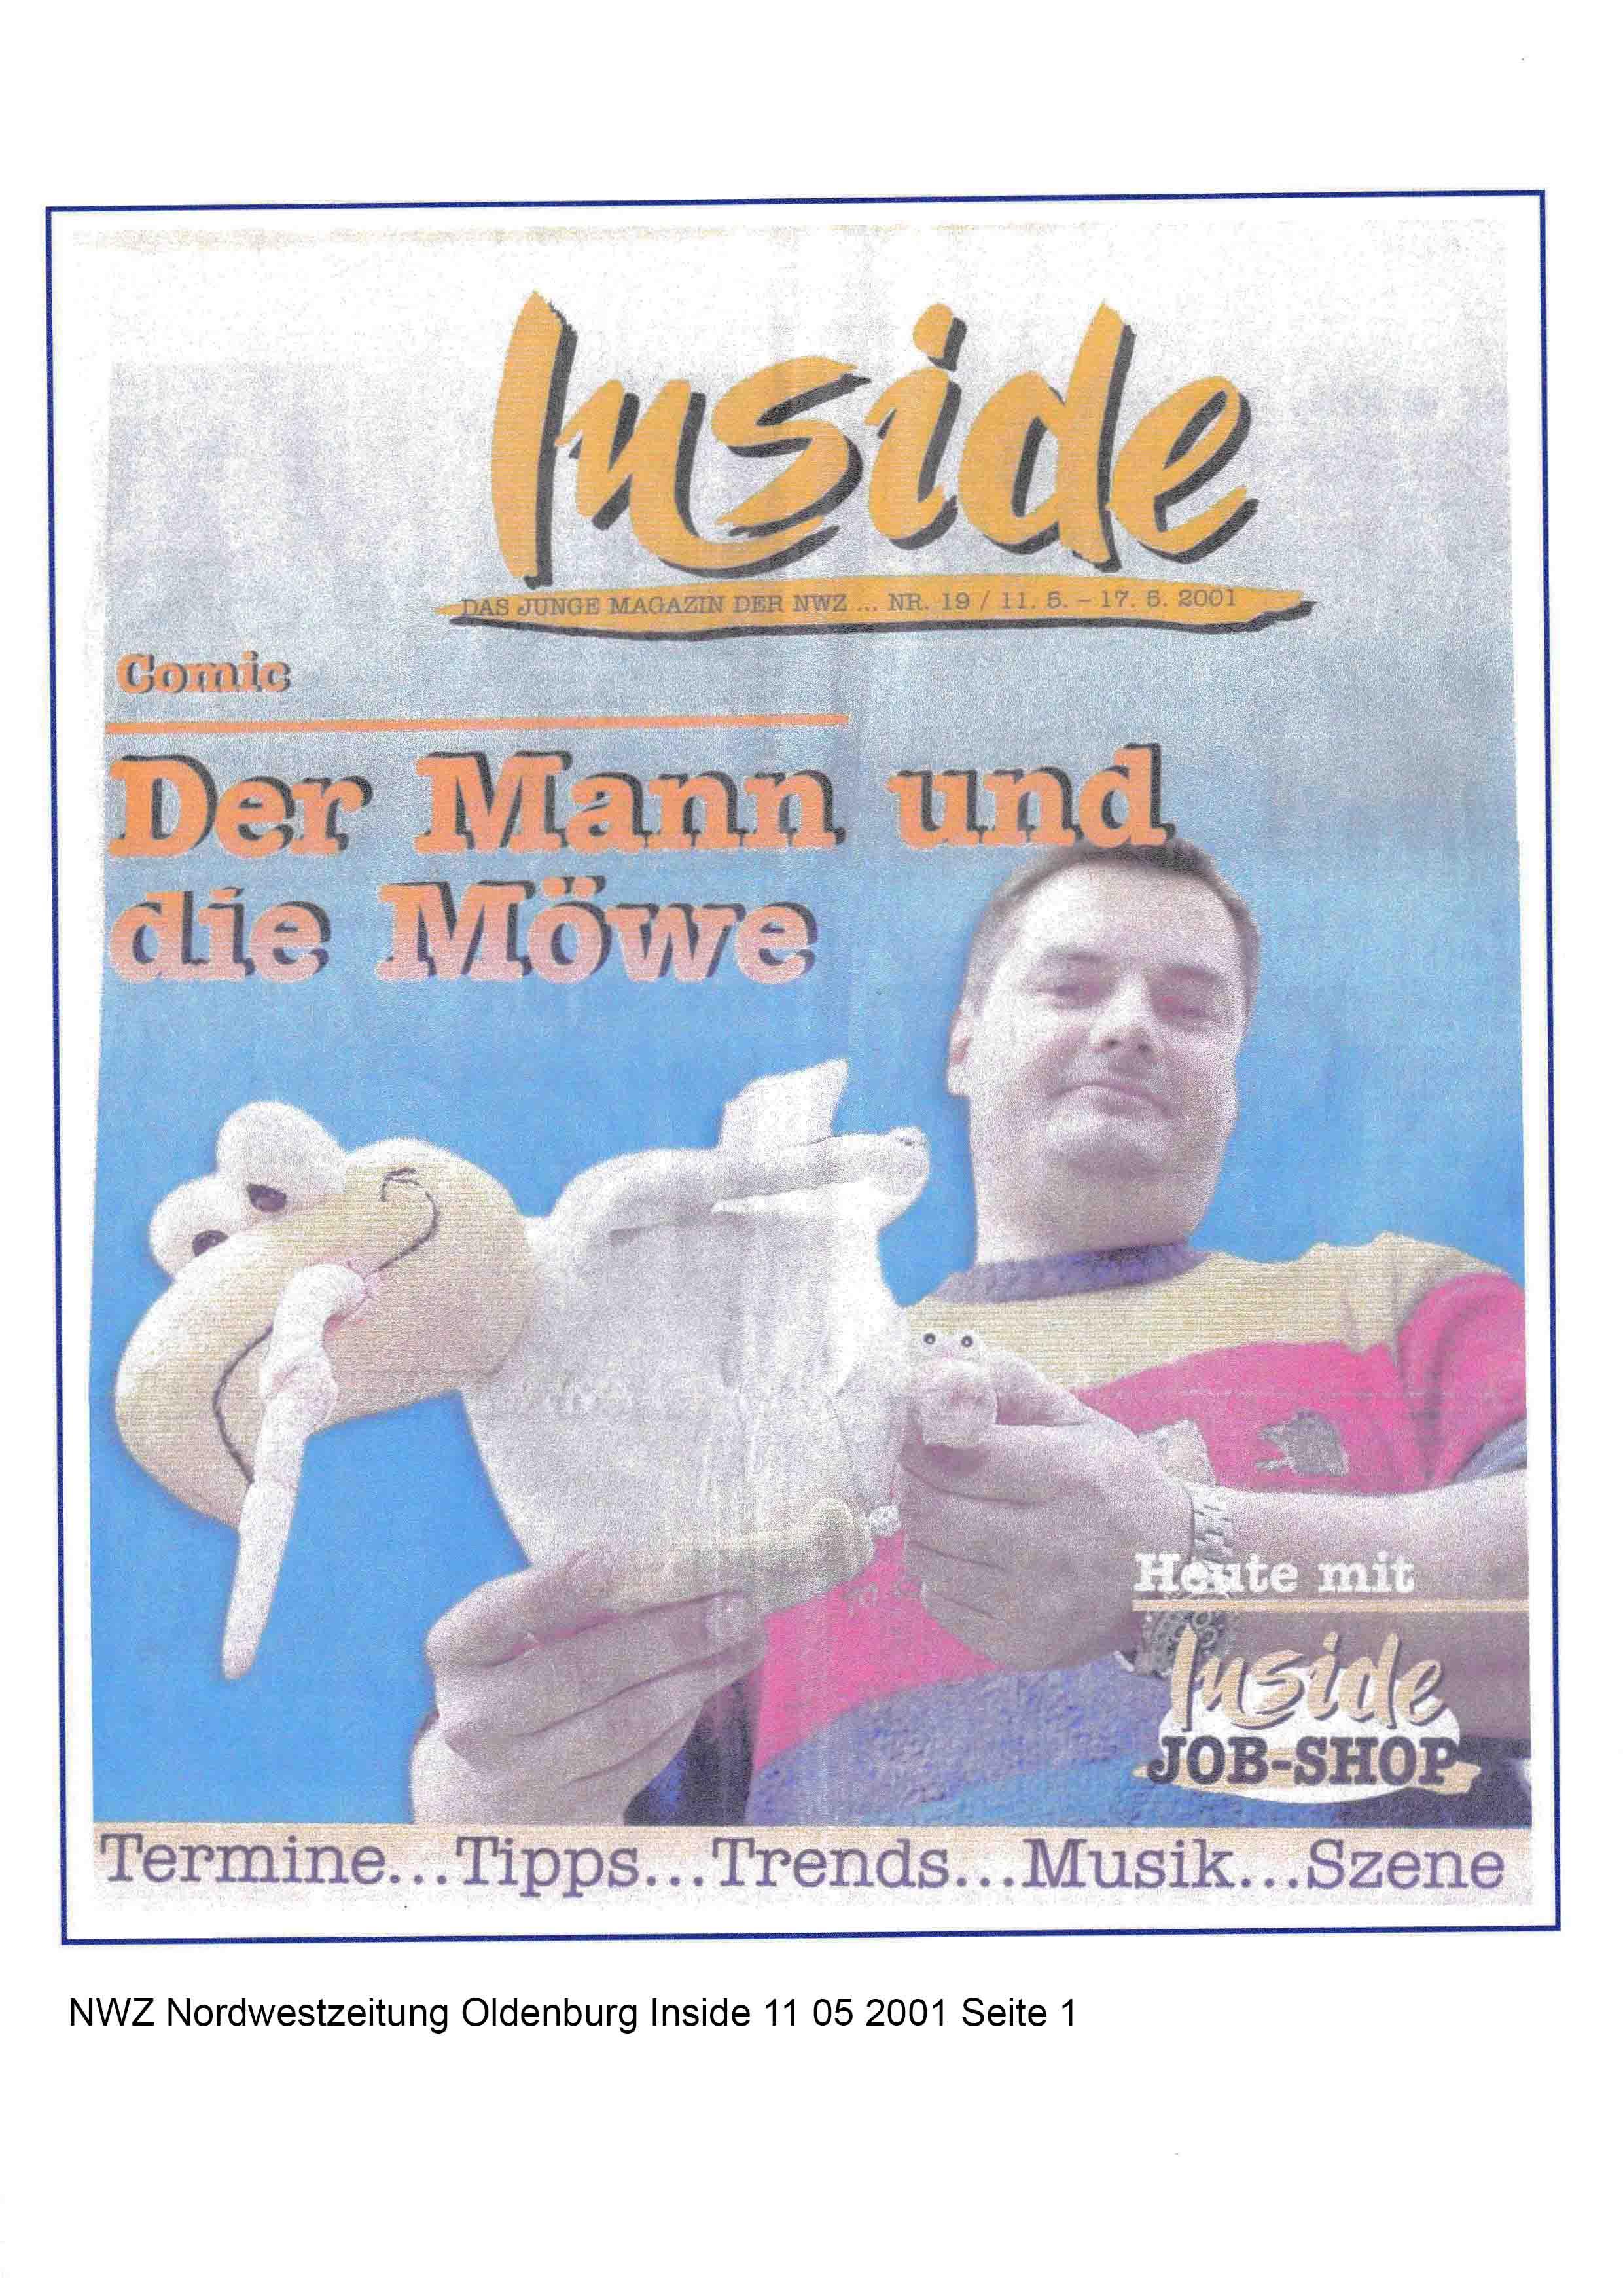 NWZ Nordwestzeitung Oldenburg Inside 11 05 2001 Seite 1